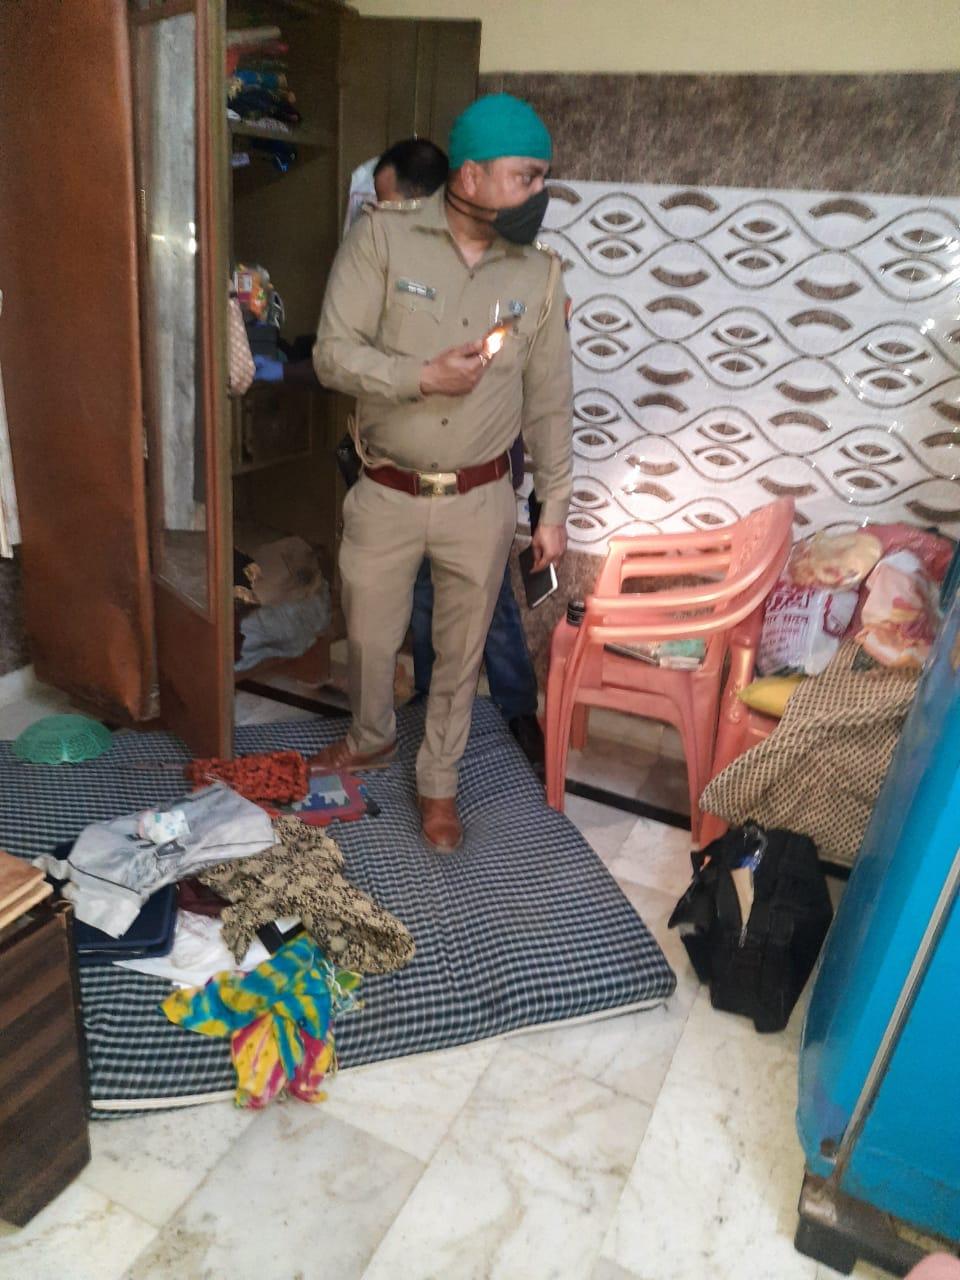 टेलर के घर एलआईसी एजेंट बनकर घुसे बदमाश, घर वालों को बंधक बनाकर आधे घंटे में लूटे लिए दो लाख|आगरा,Agra - Dainik Bhaskar